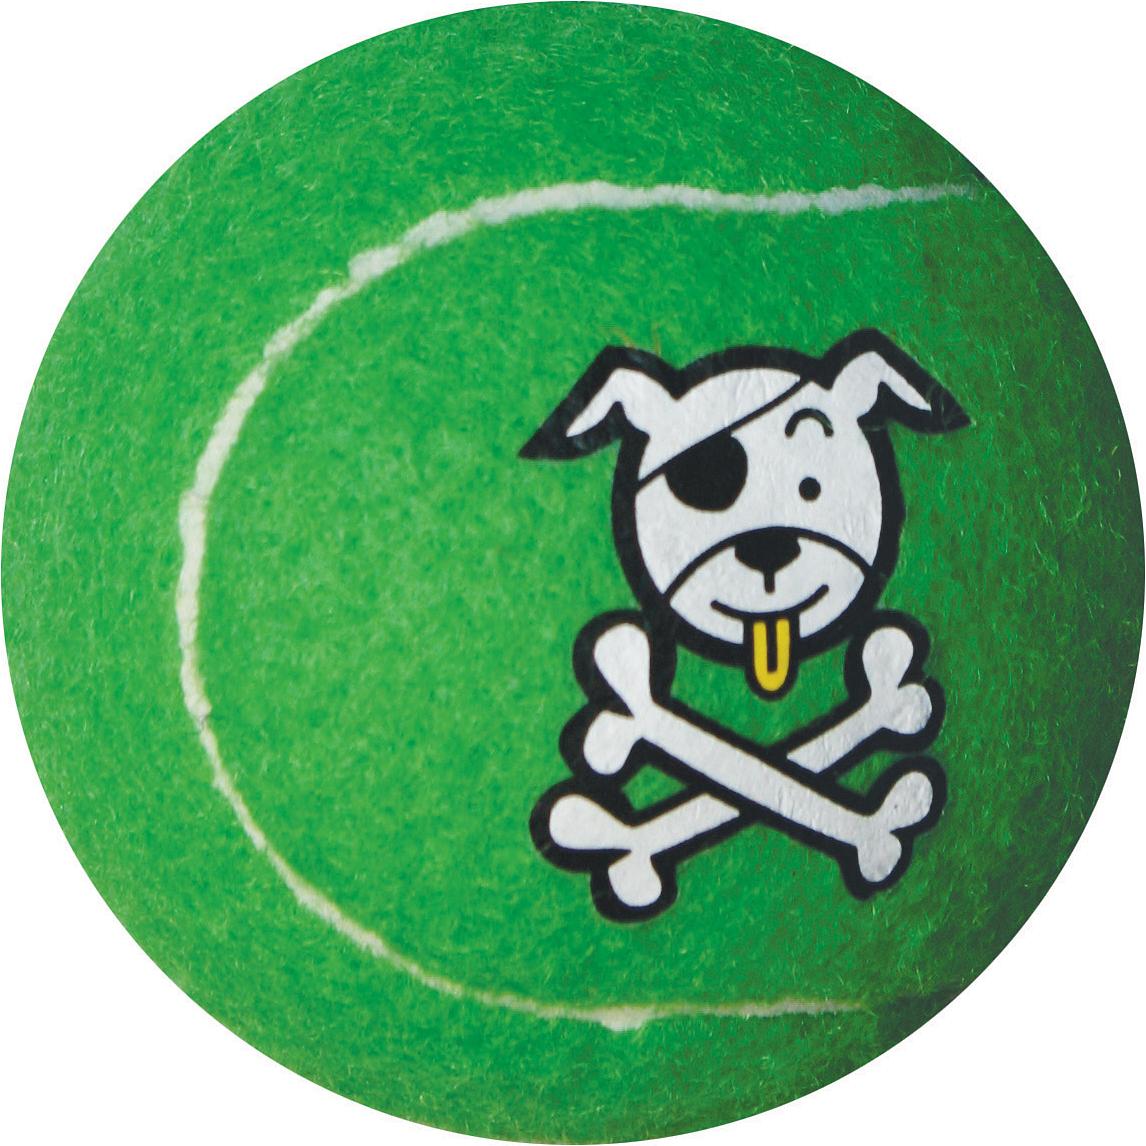 Игрушка для собак Rogz Molecules, цвет: лайм, диаметр 5 см. MC01L игрушка для собак rogz yumz косточка с отверстием для лакомства цвет лайм длина 11 5 см